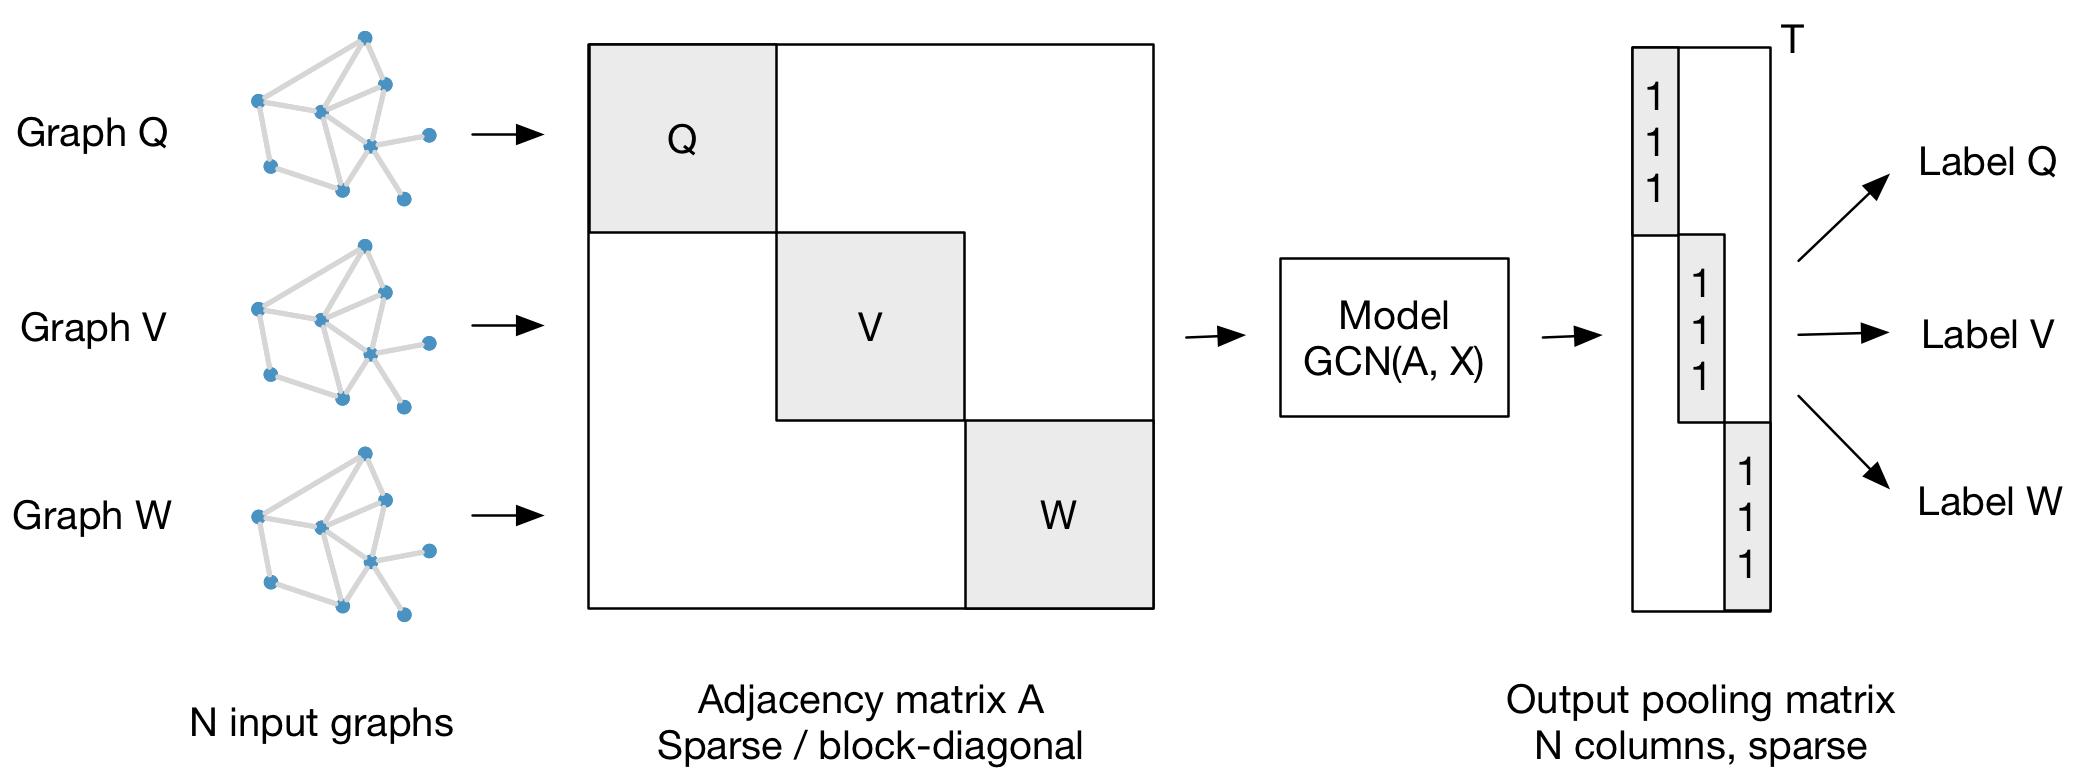 graph_classification